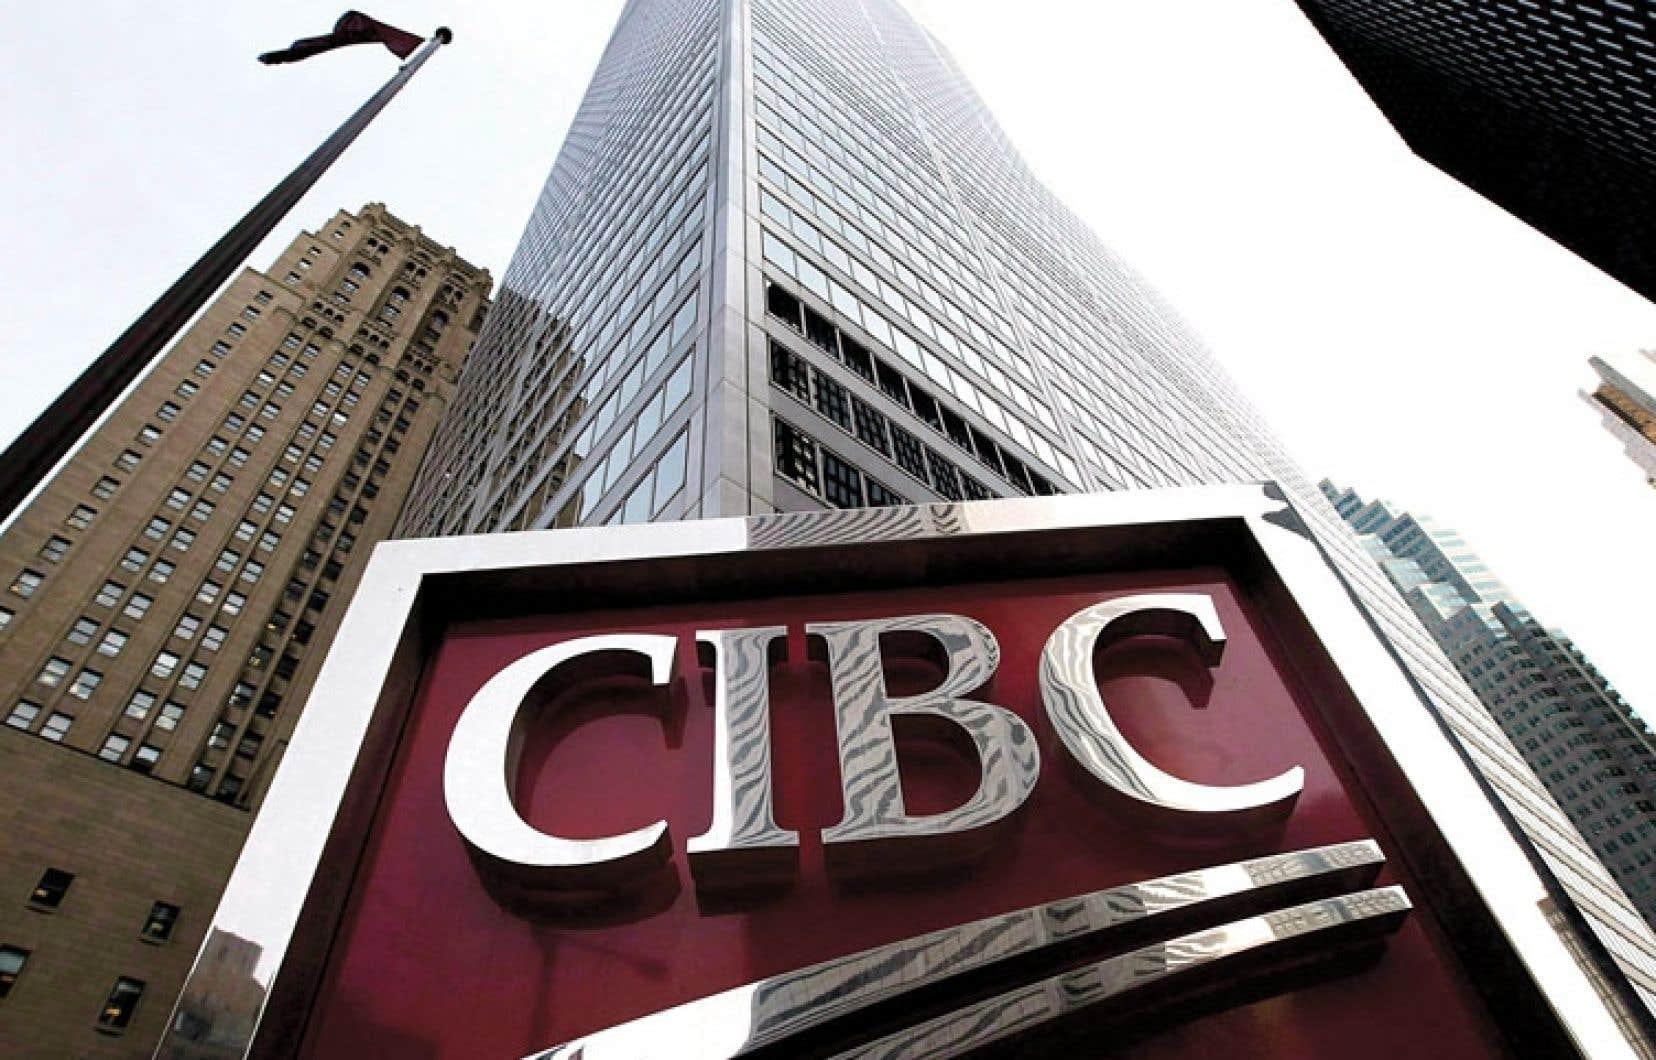 Les six plus grandes banques canadiennes ont bouclé l'année avec un bénéfice net de 28,2 milliards en 2012, rappelle la firme de consultants dans son 30e rapport annuel.